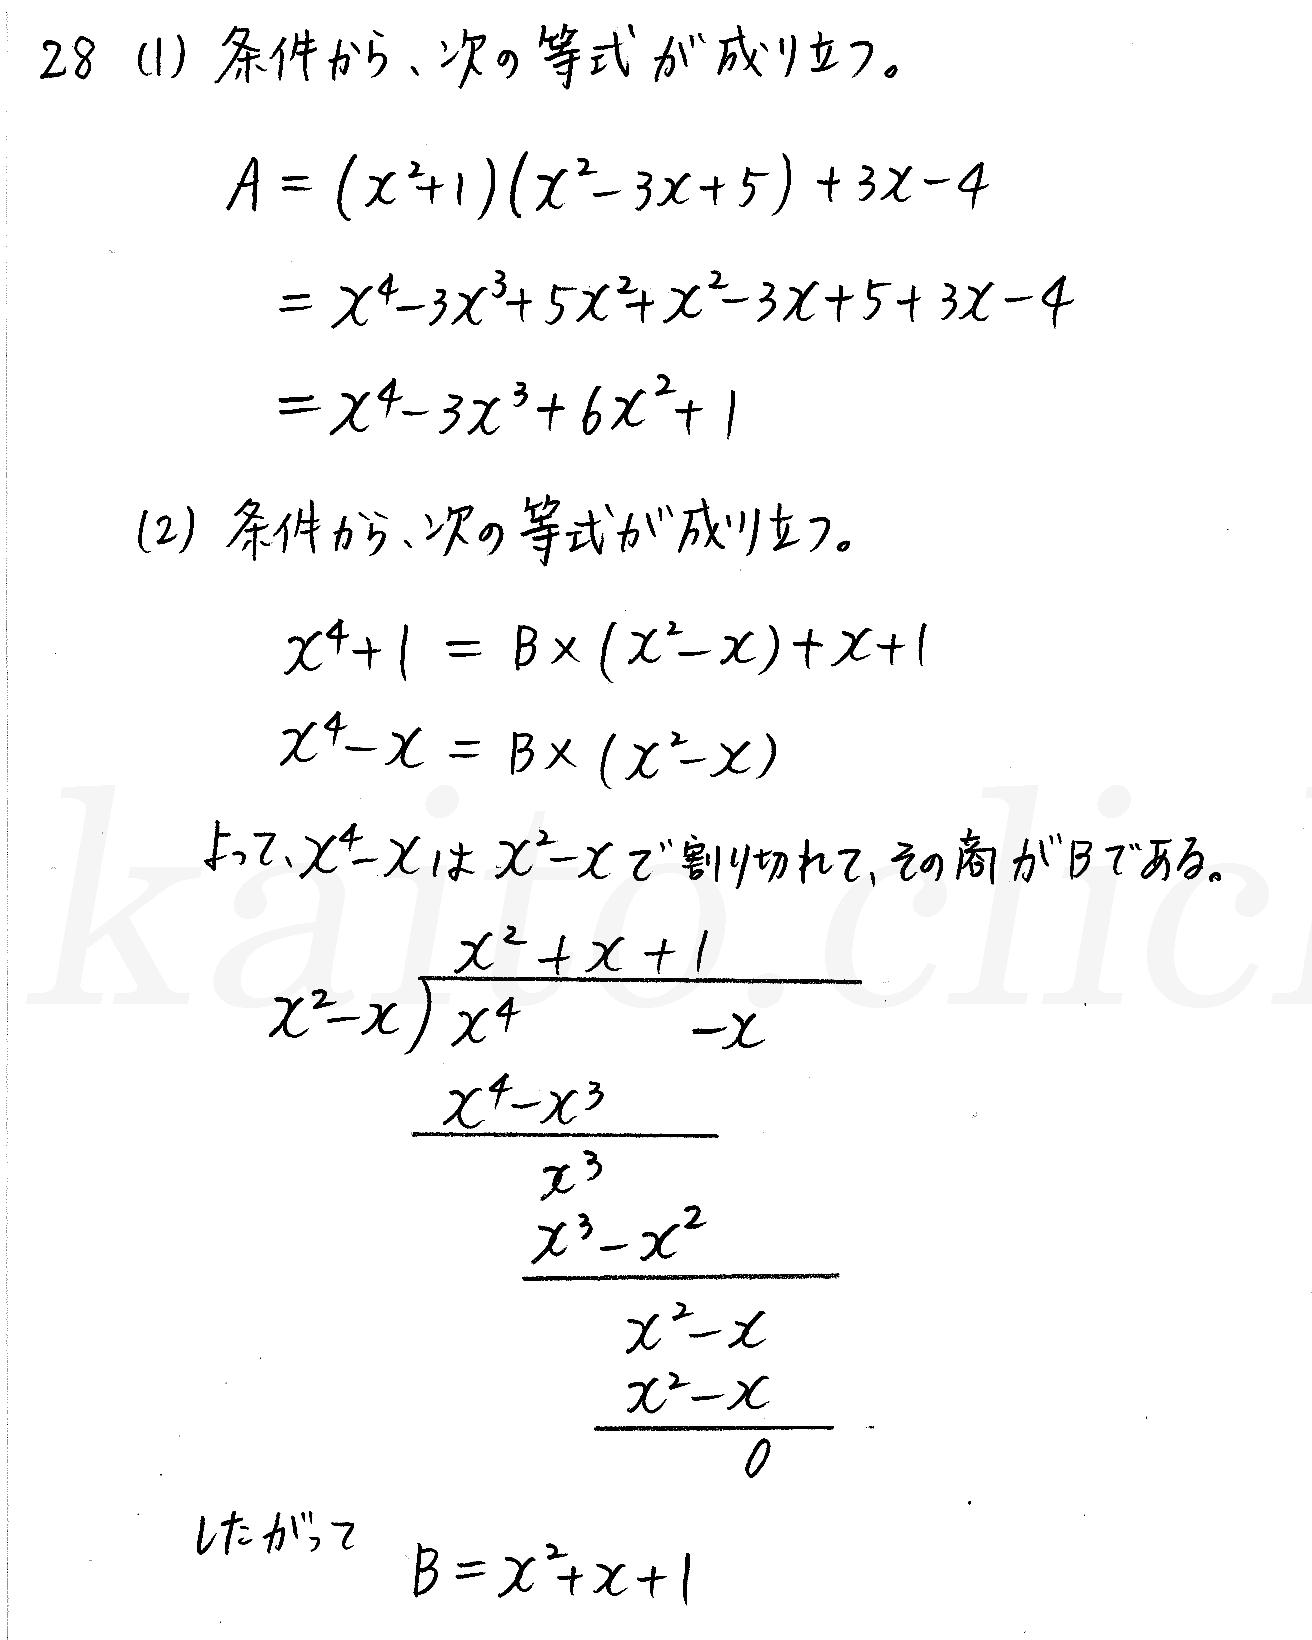 クリアー数学2-28解答